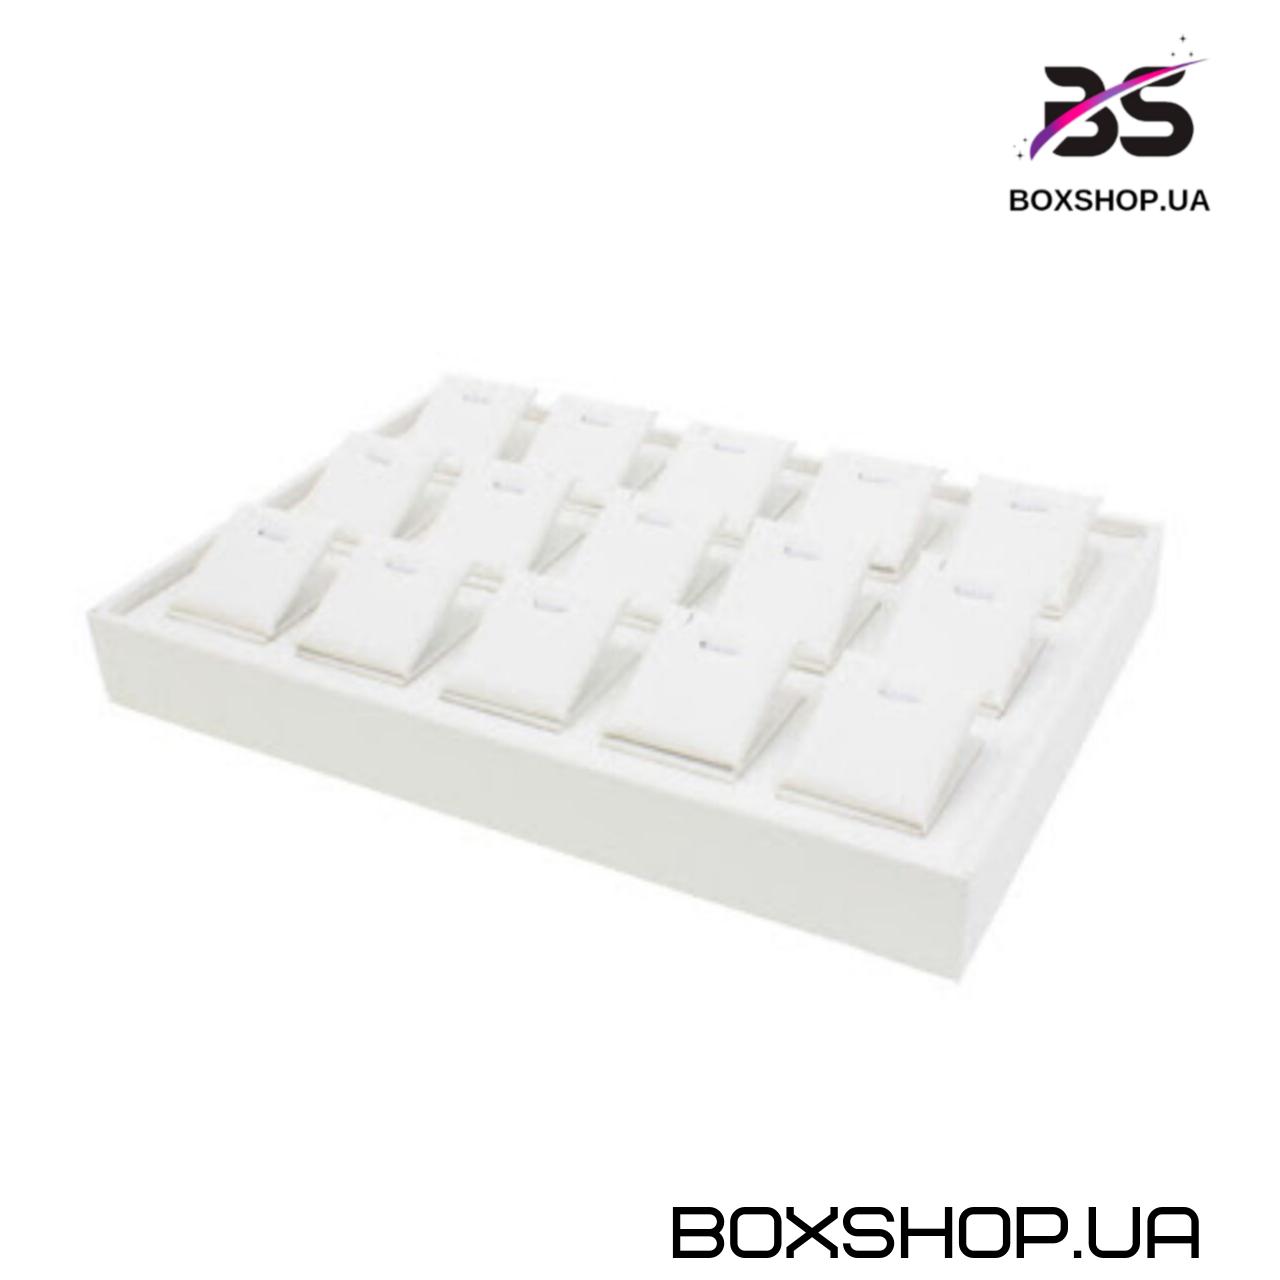 Ювелирный планшет BOXSHOP - 1021818895